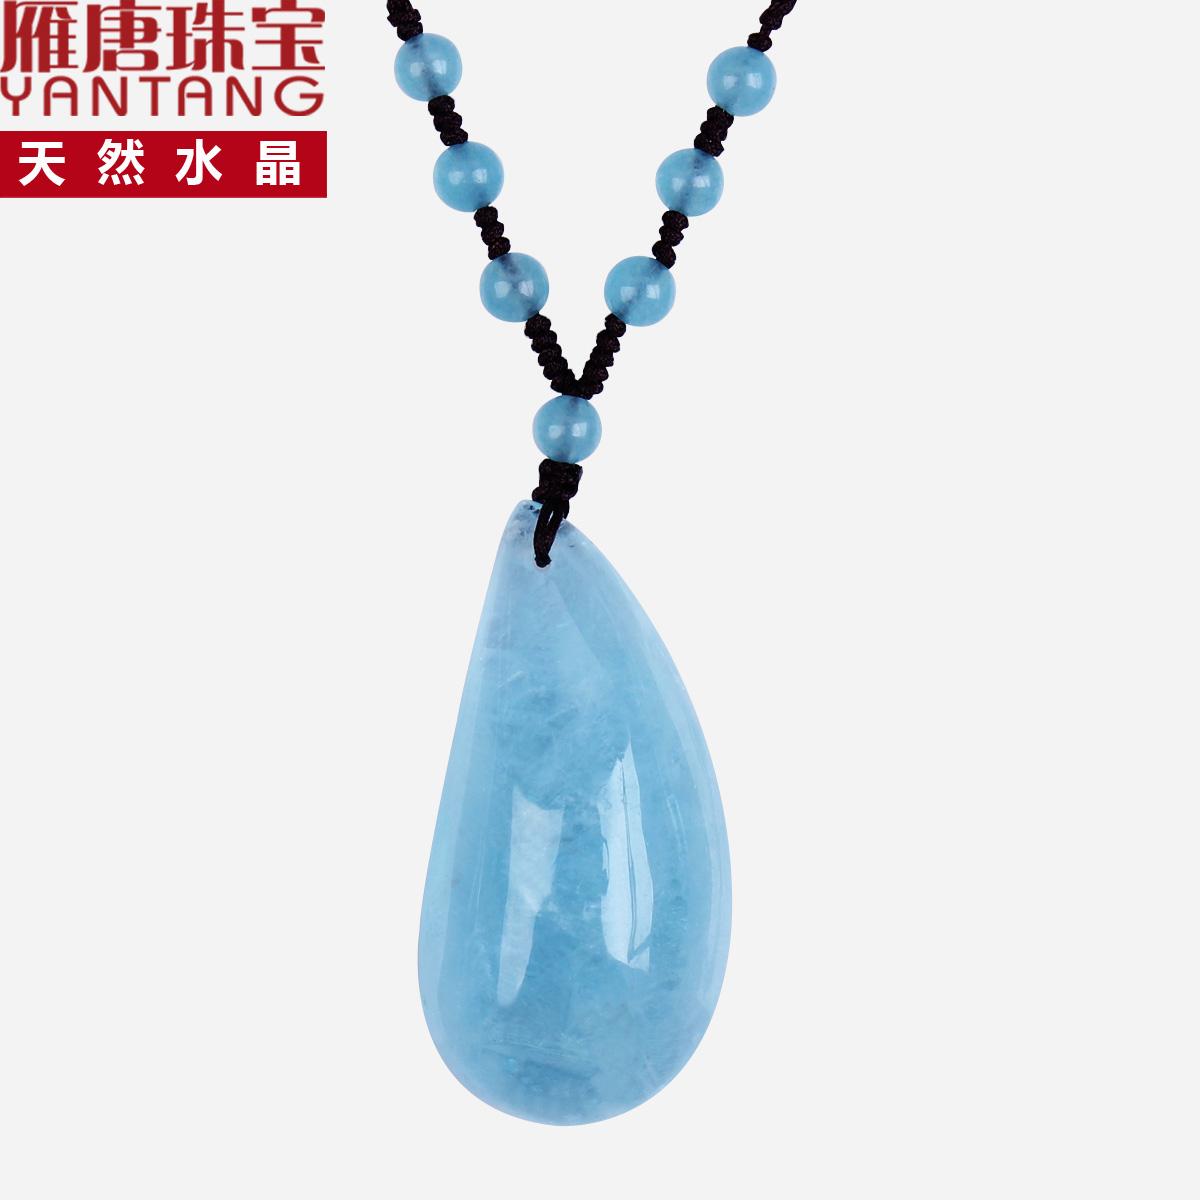 雁唐珠宝 天然海蓝宝吊坠 原石饰品女挂坠裸石水滴项链挂件